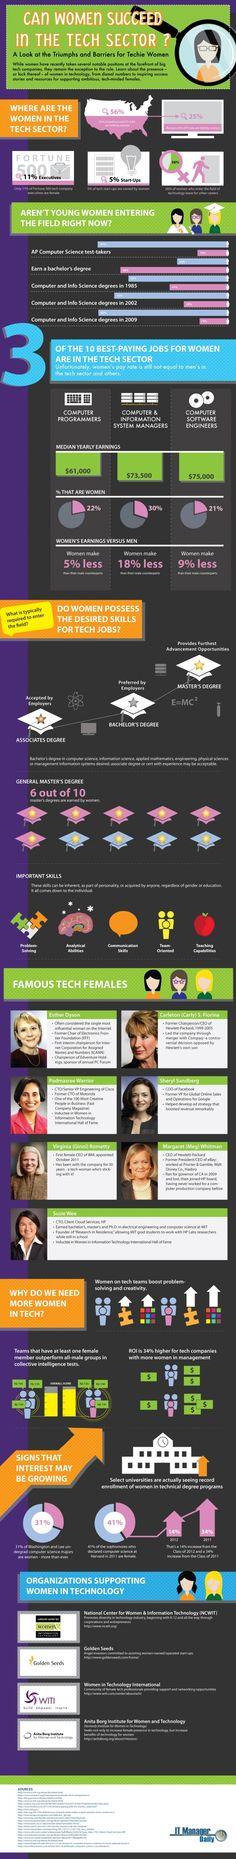 mujeres y empresas tecnológicas